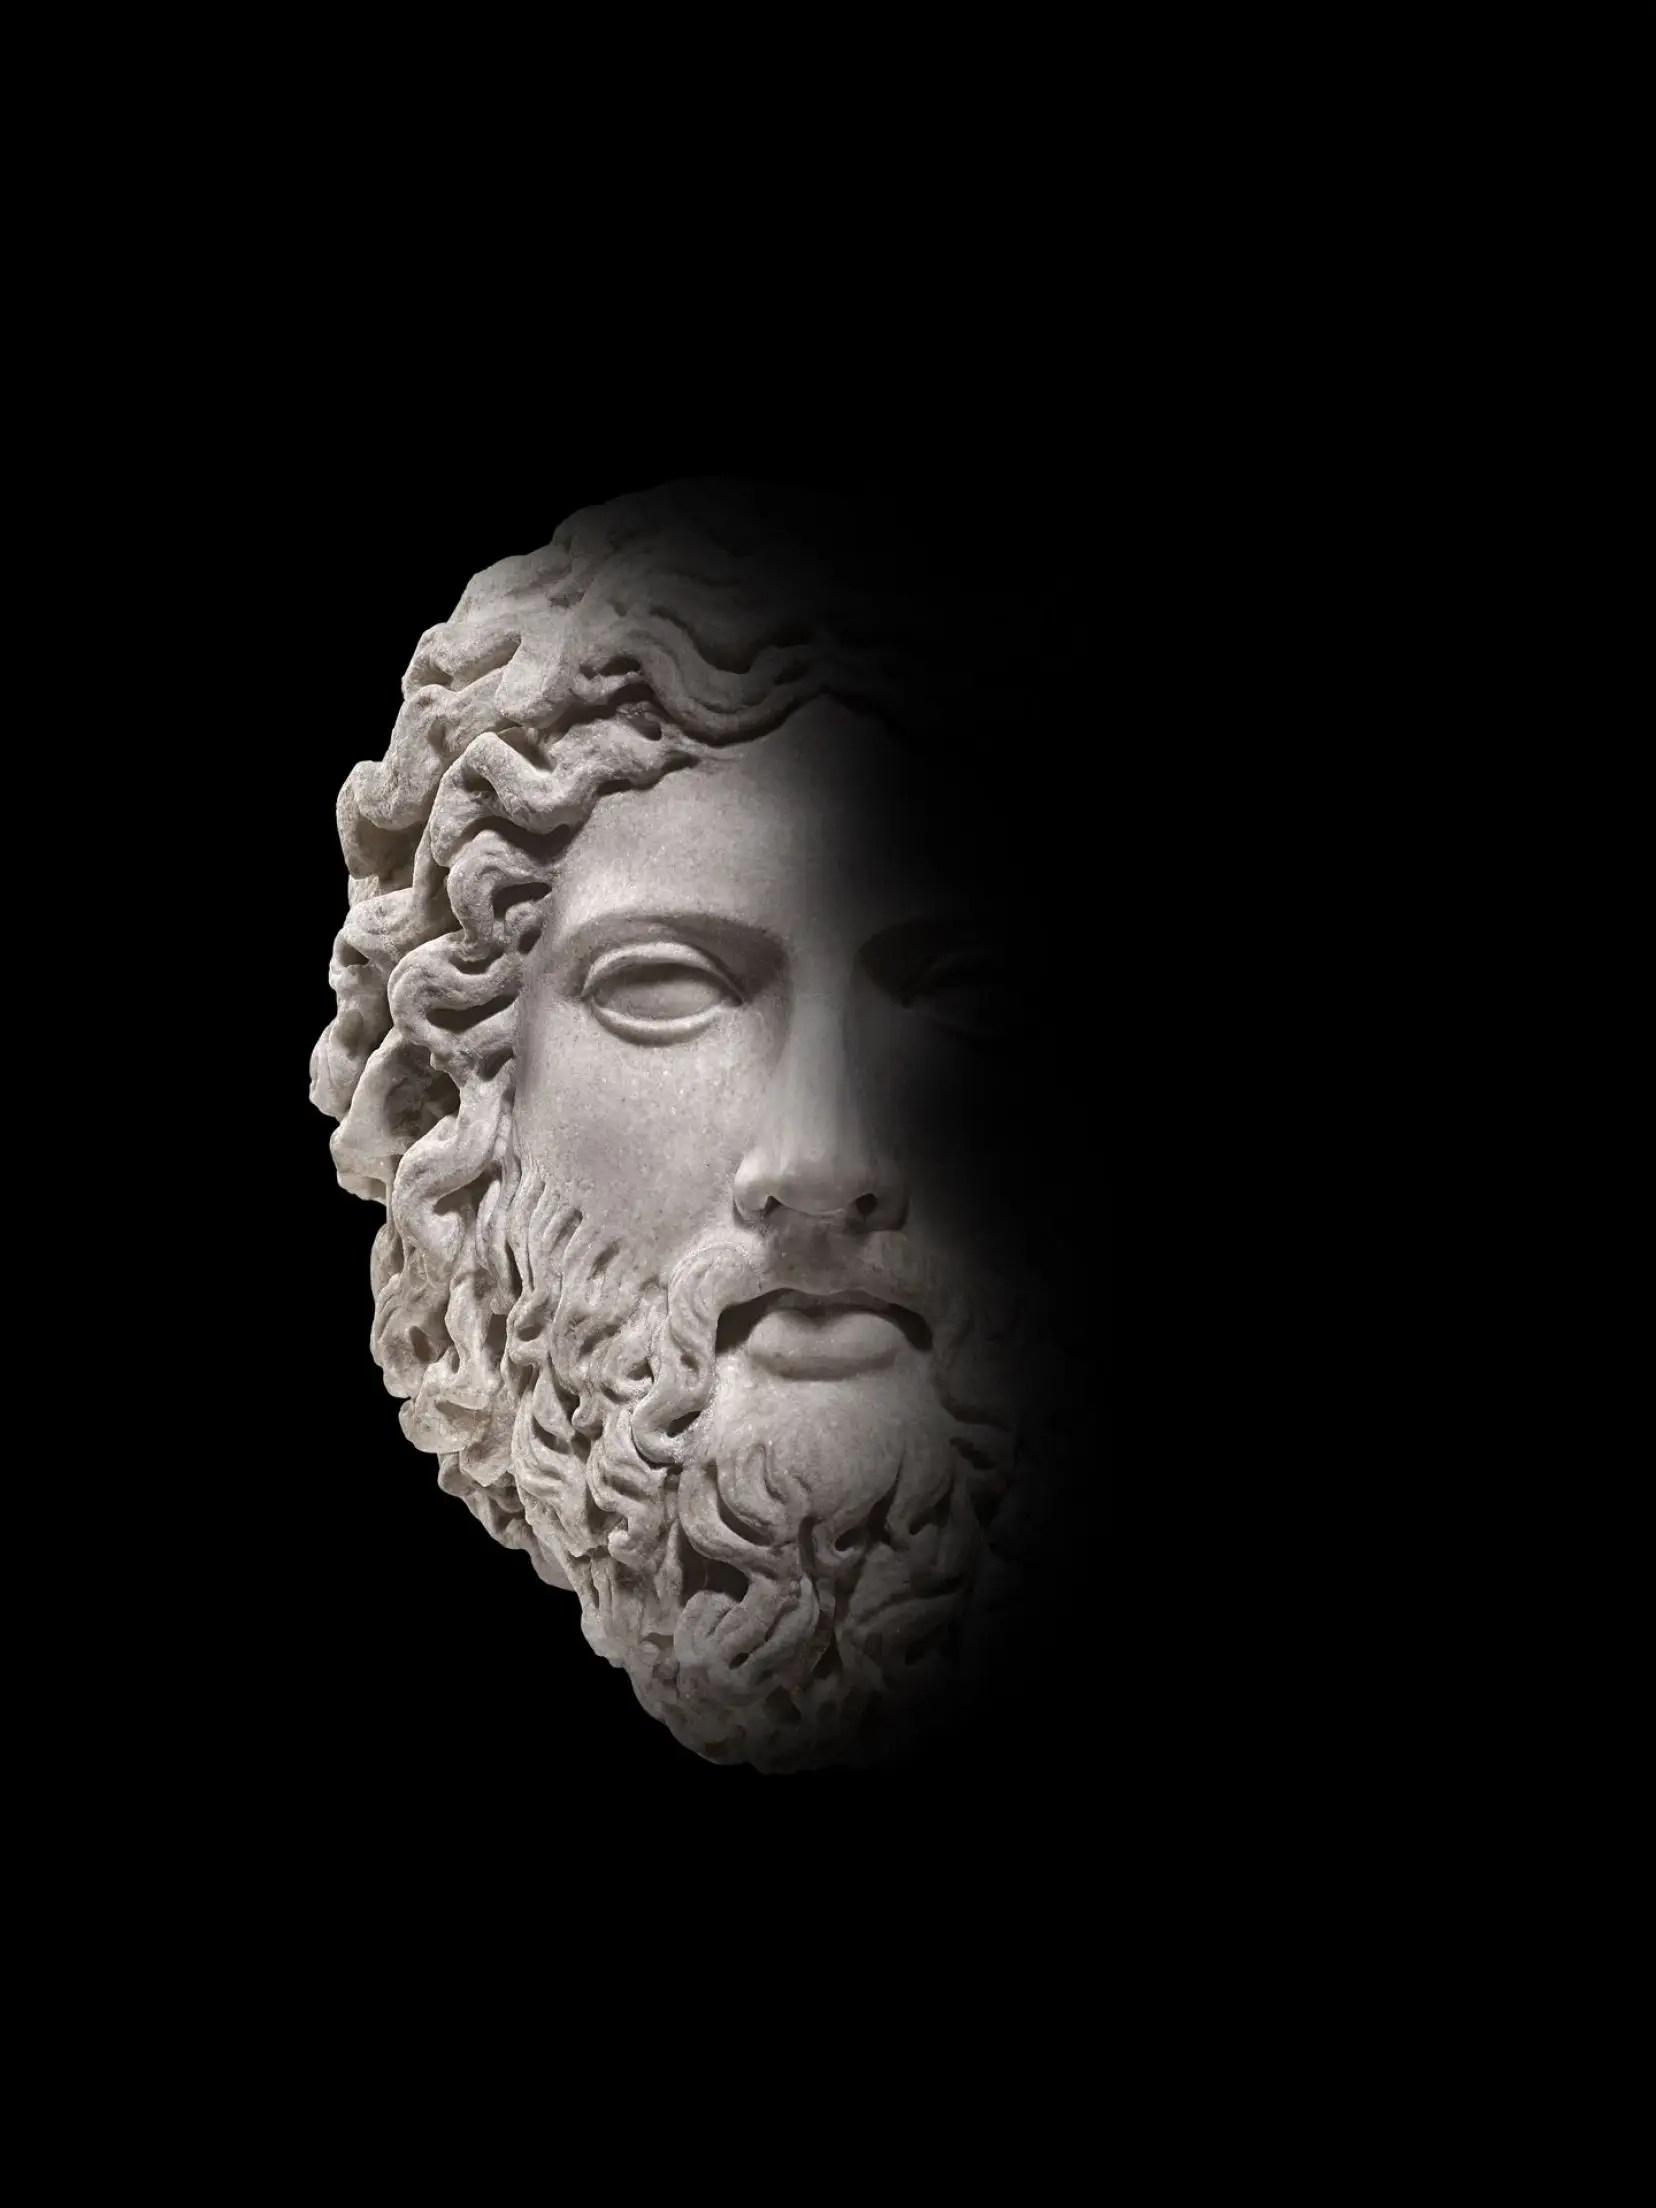 Legende Grecque En 8 Lettres : legende, grecque, lettres, Mythologie, Grecque, Côtoie, Grands, Maîtres, Québécois, Devoir